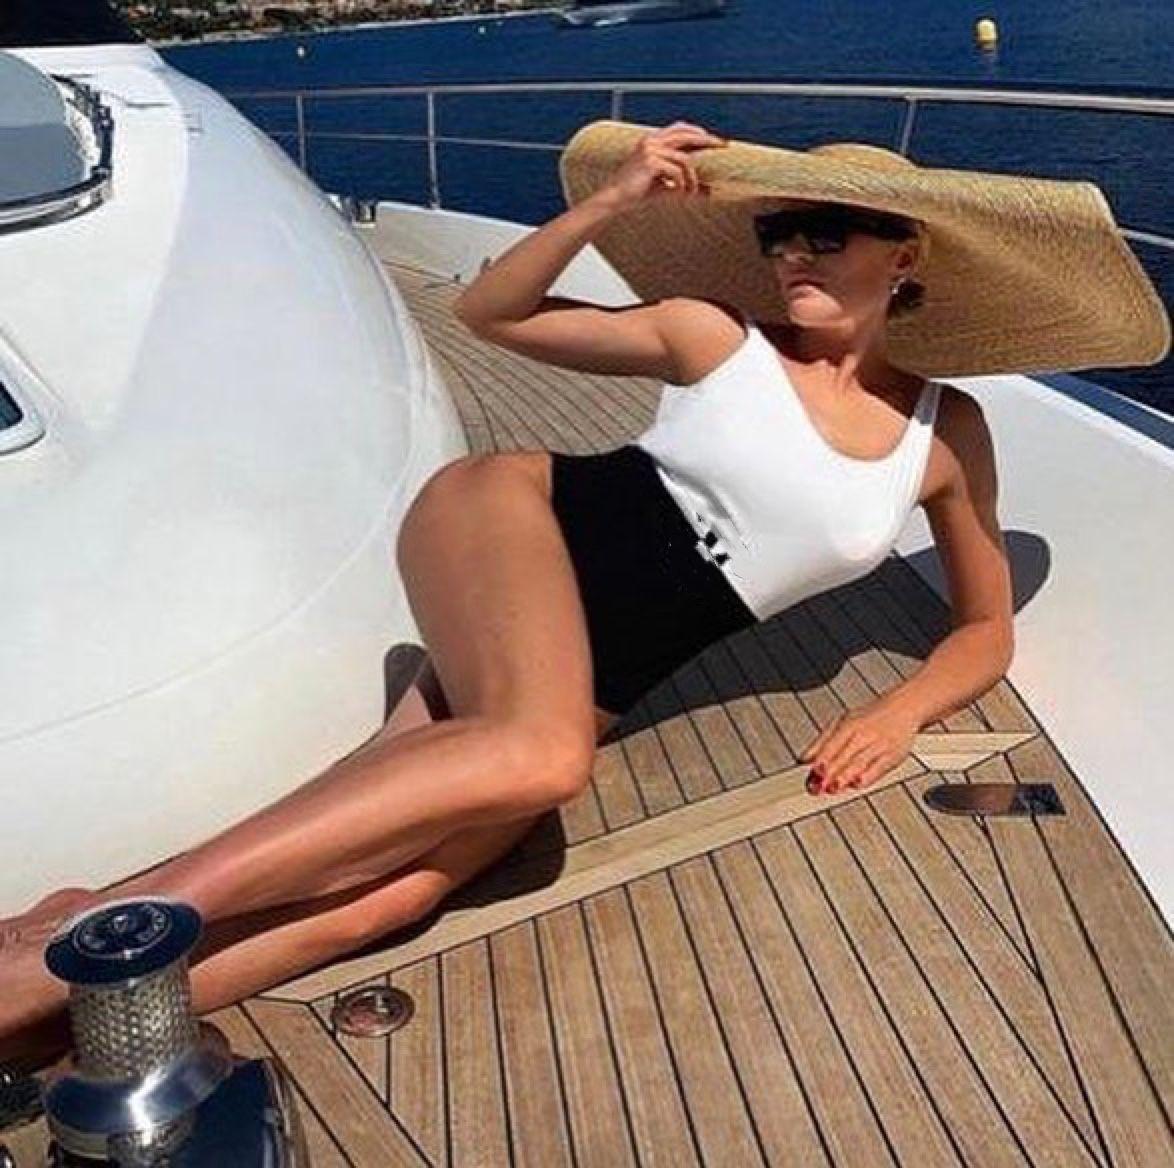 Sommerkarneval Frauen einteiliger Badeanzug-Bikini, provokativer sexy heißes Körperanteil, modaler Gewebe komfortabel und dehnbar, wesentlich